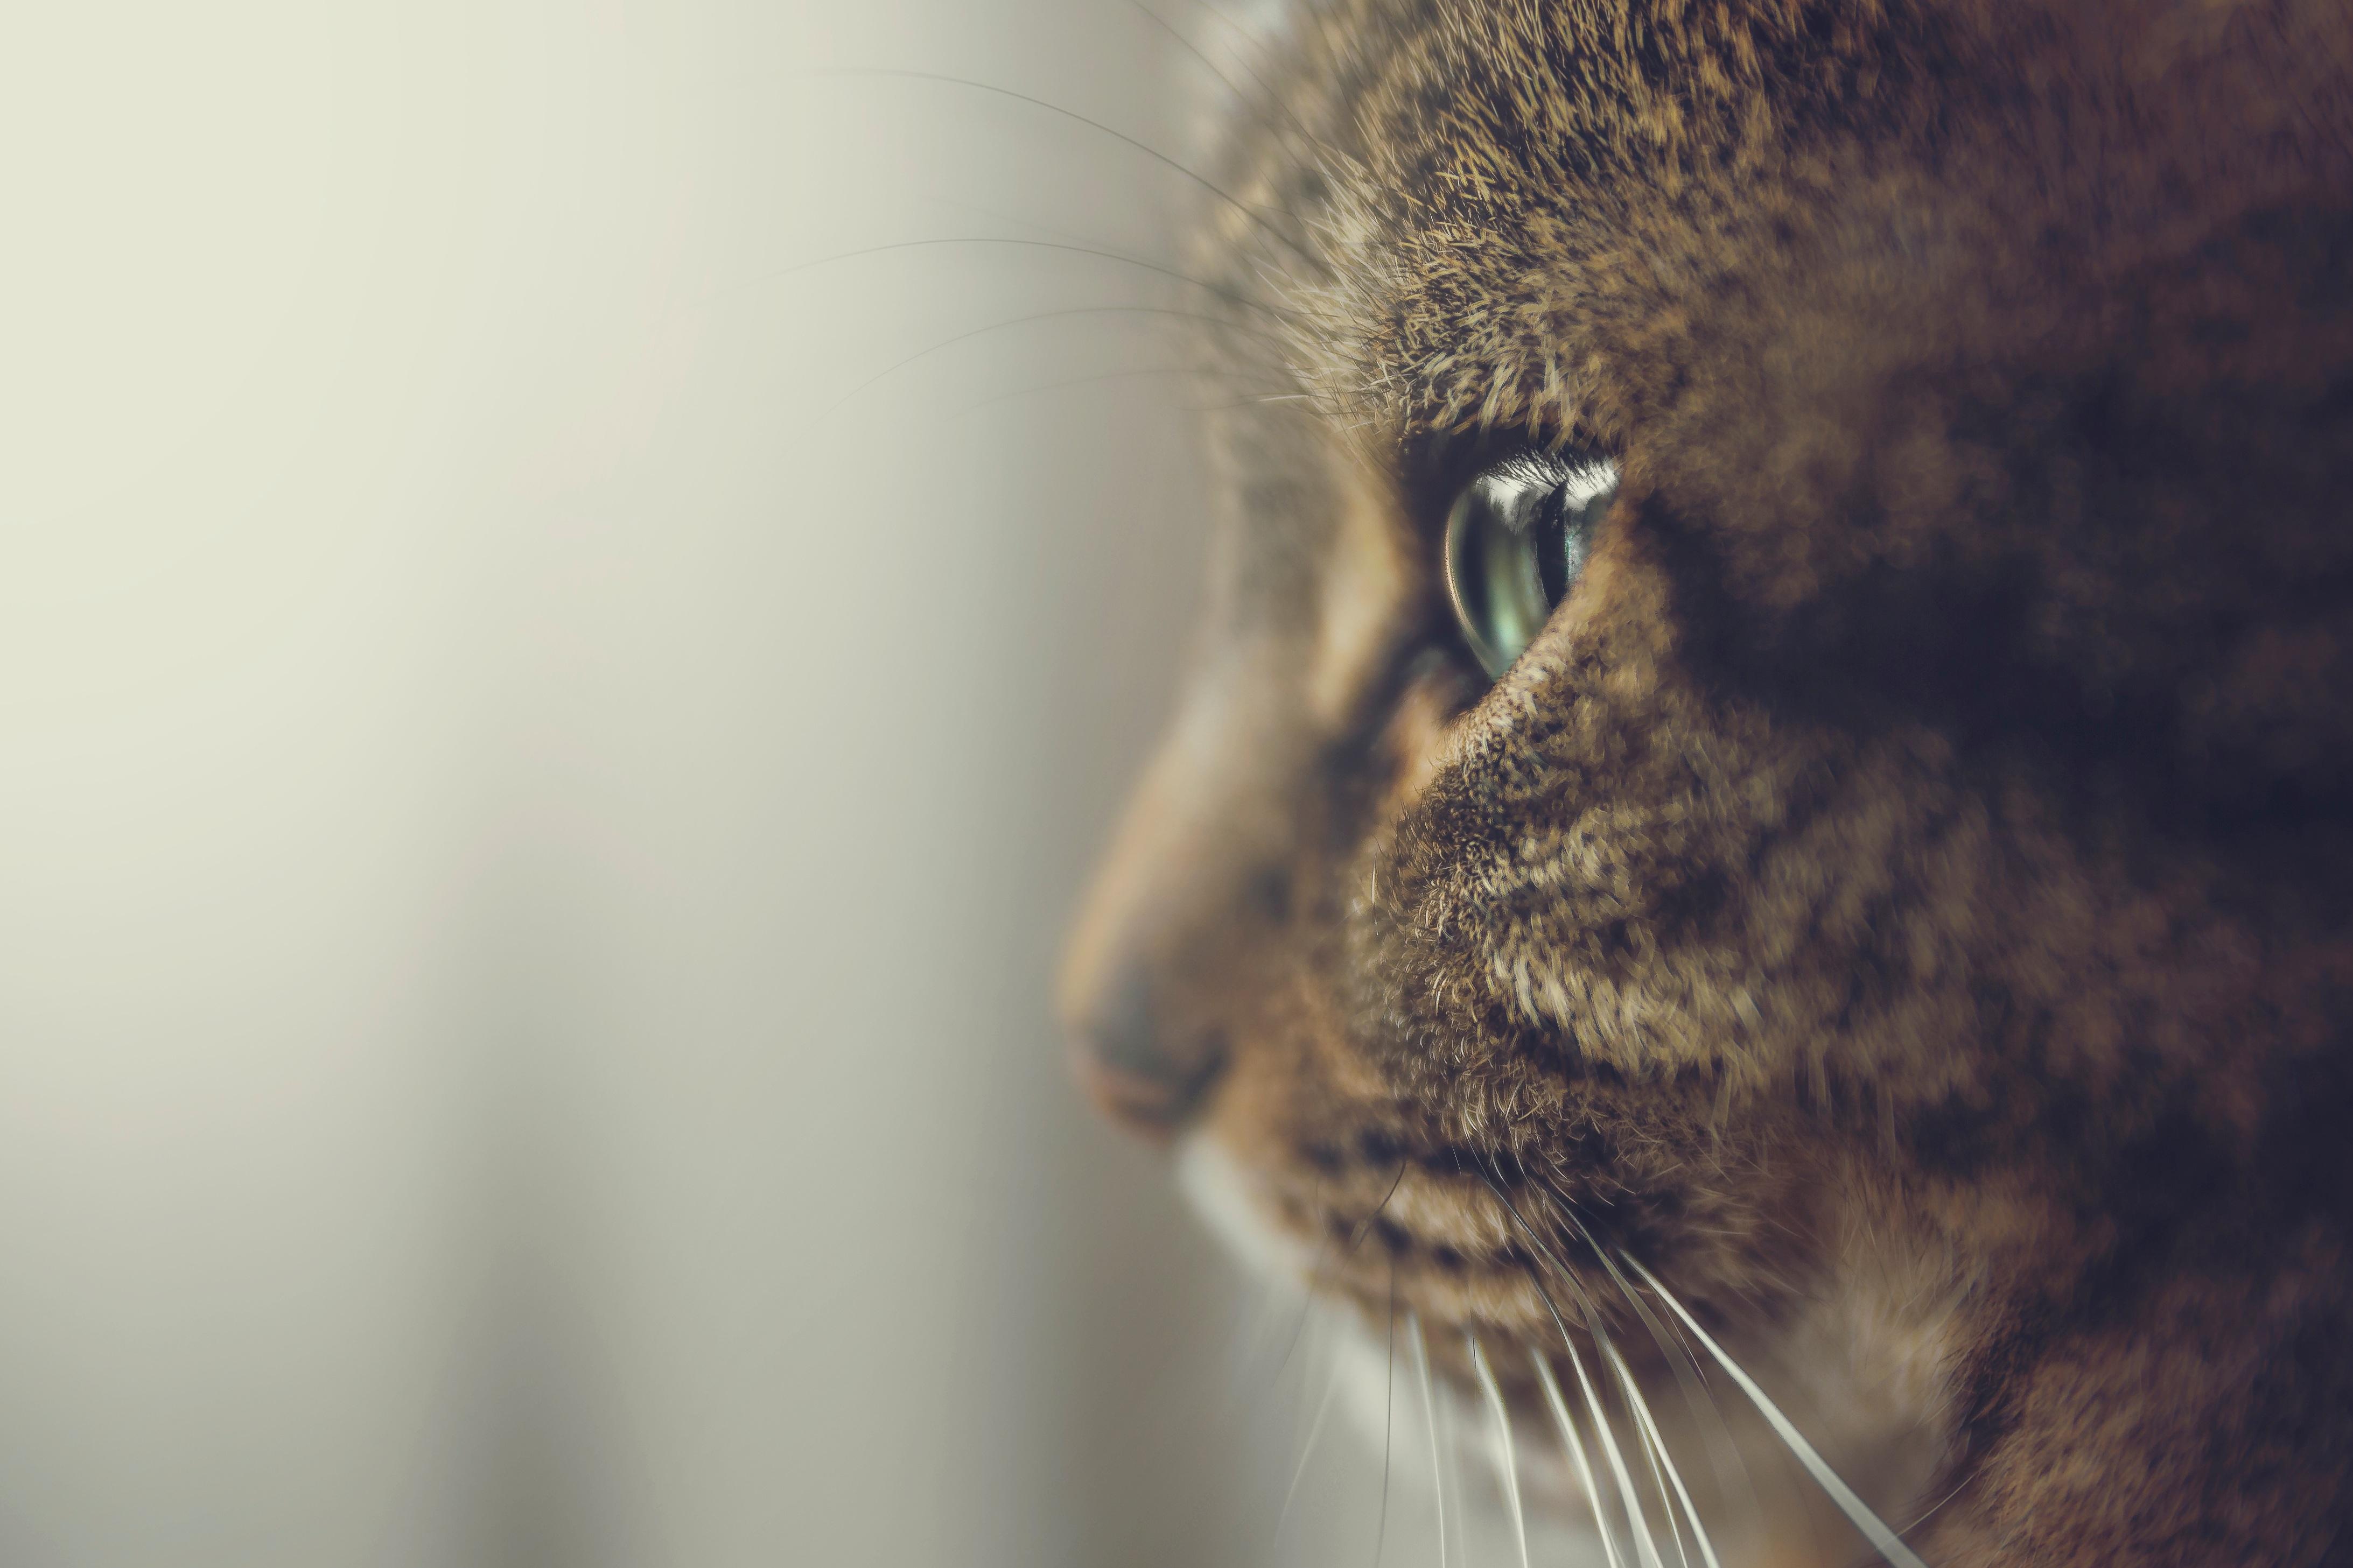 cat-2593883